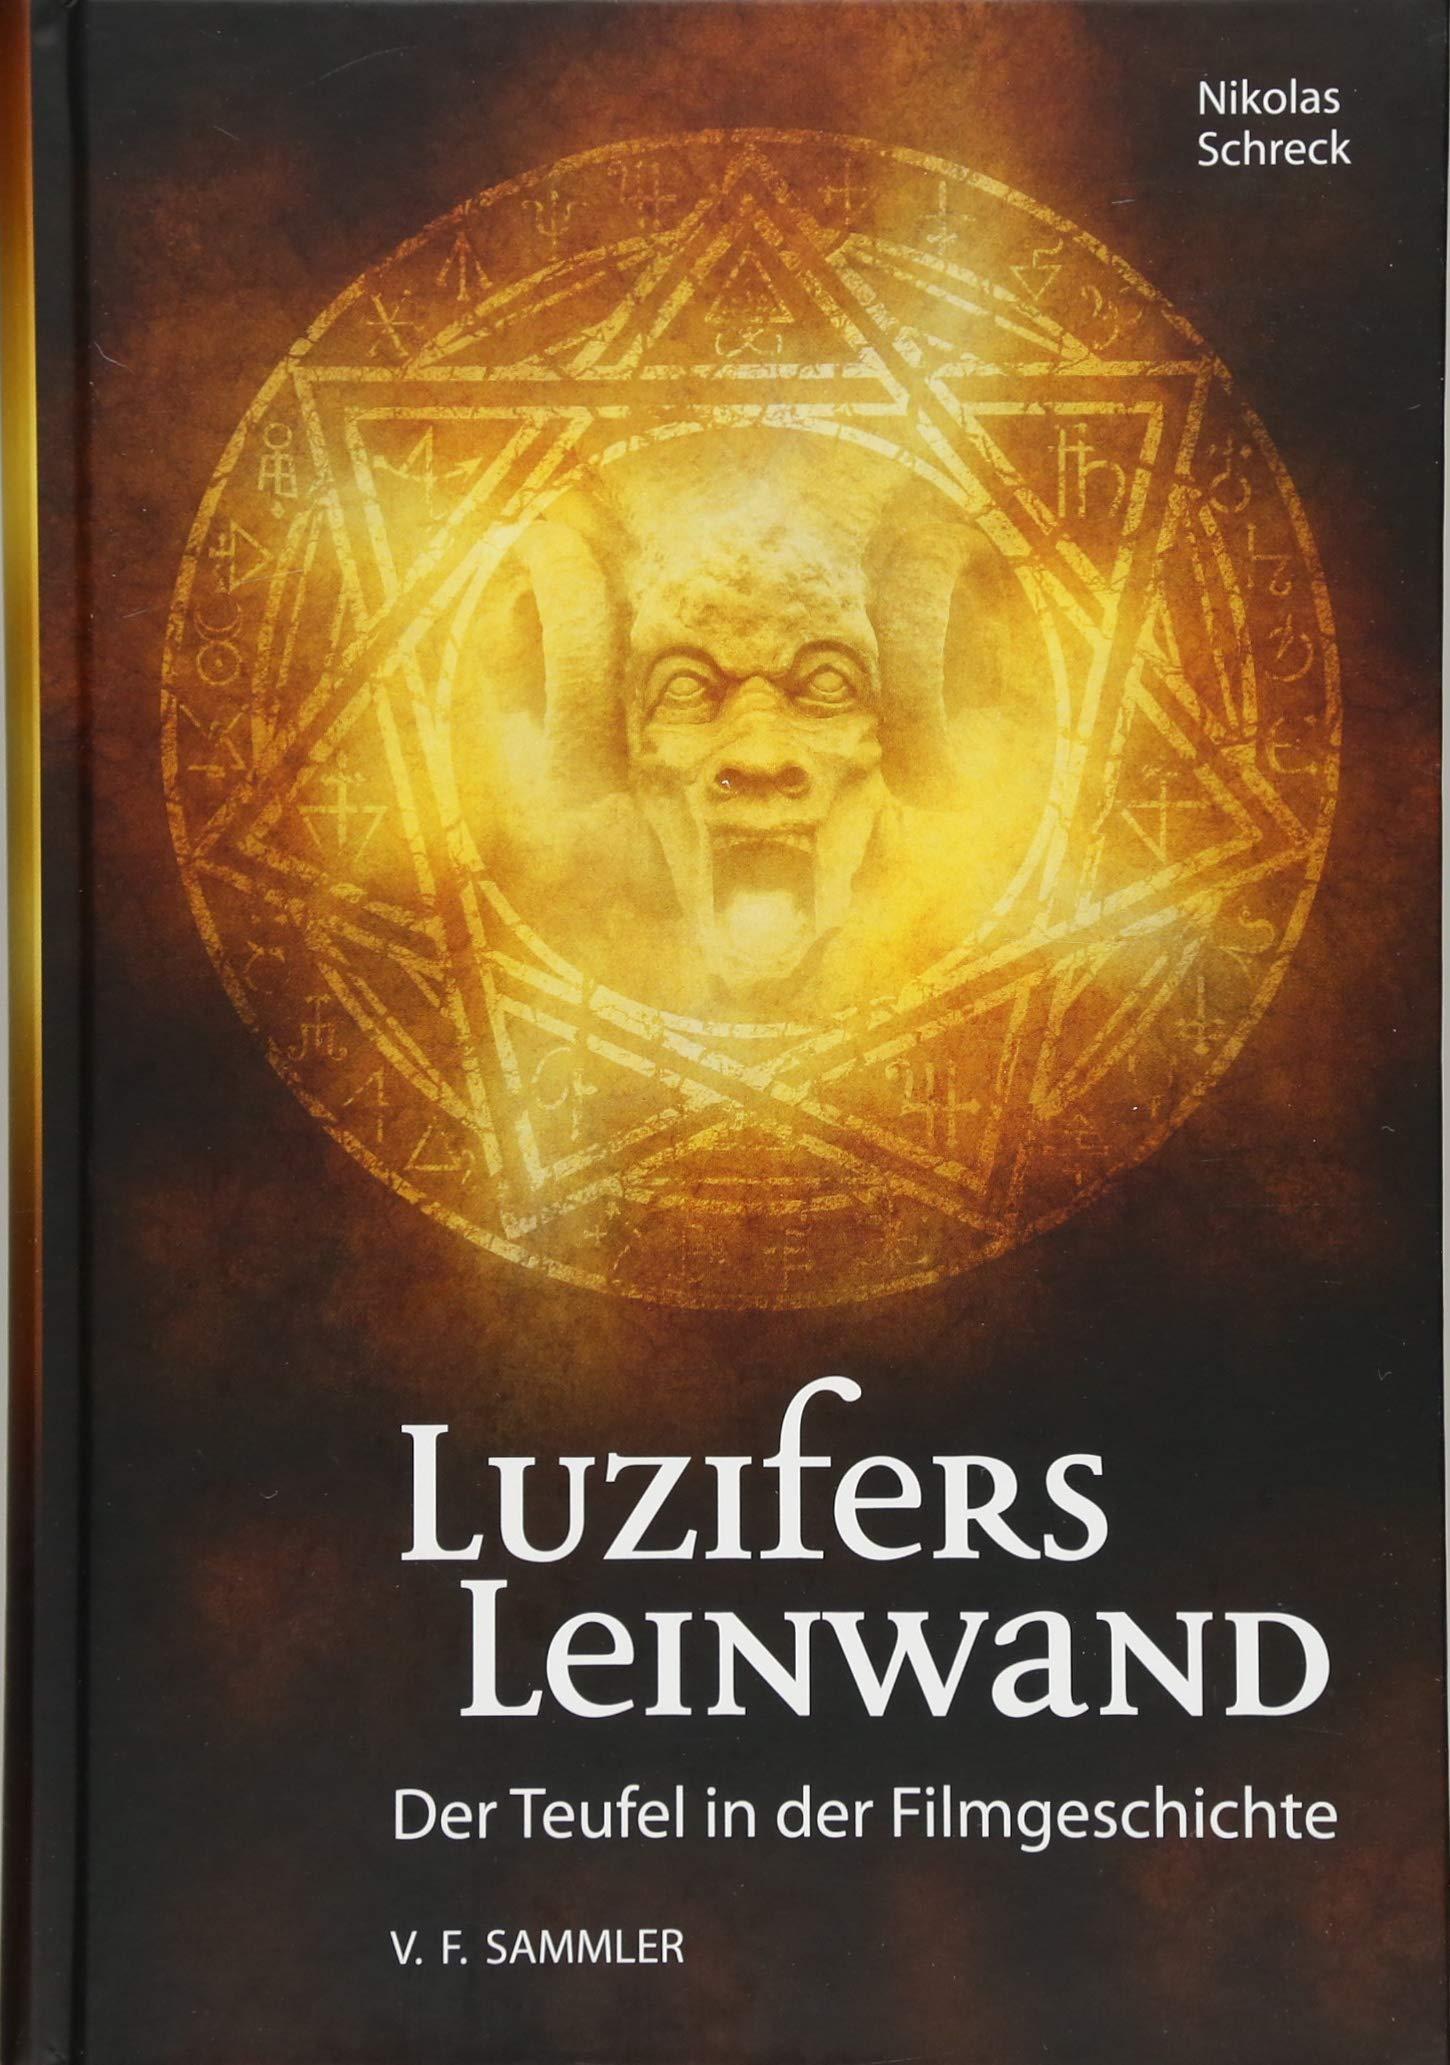 Luzifers Leinwand: Der Teufel in der Filmgeschichte